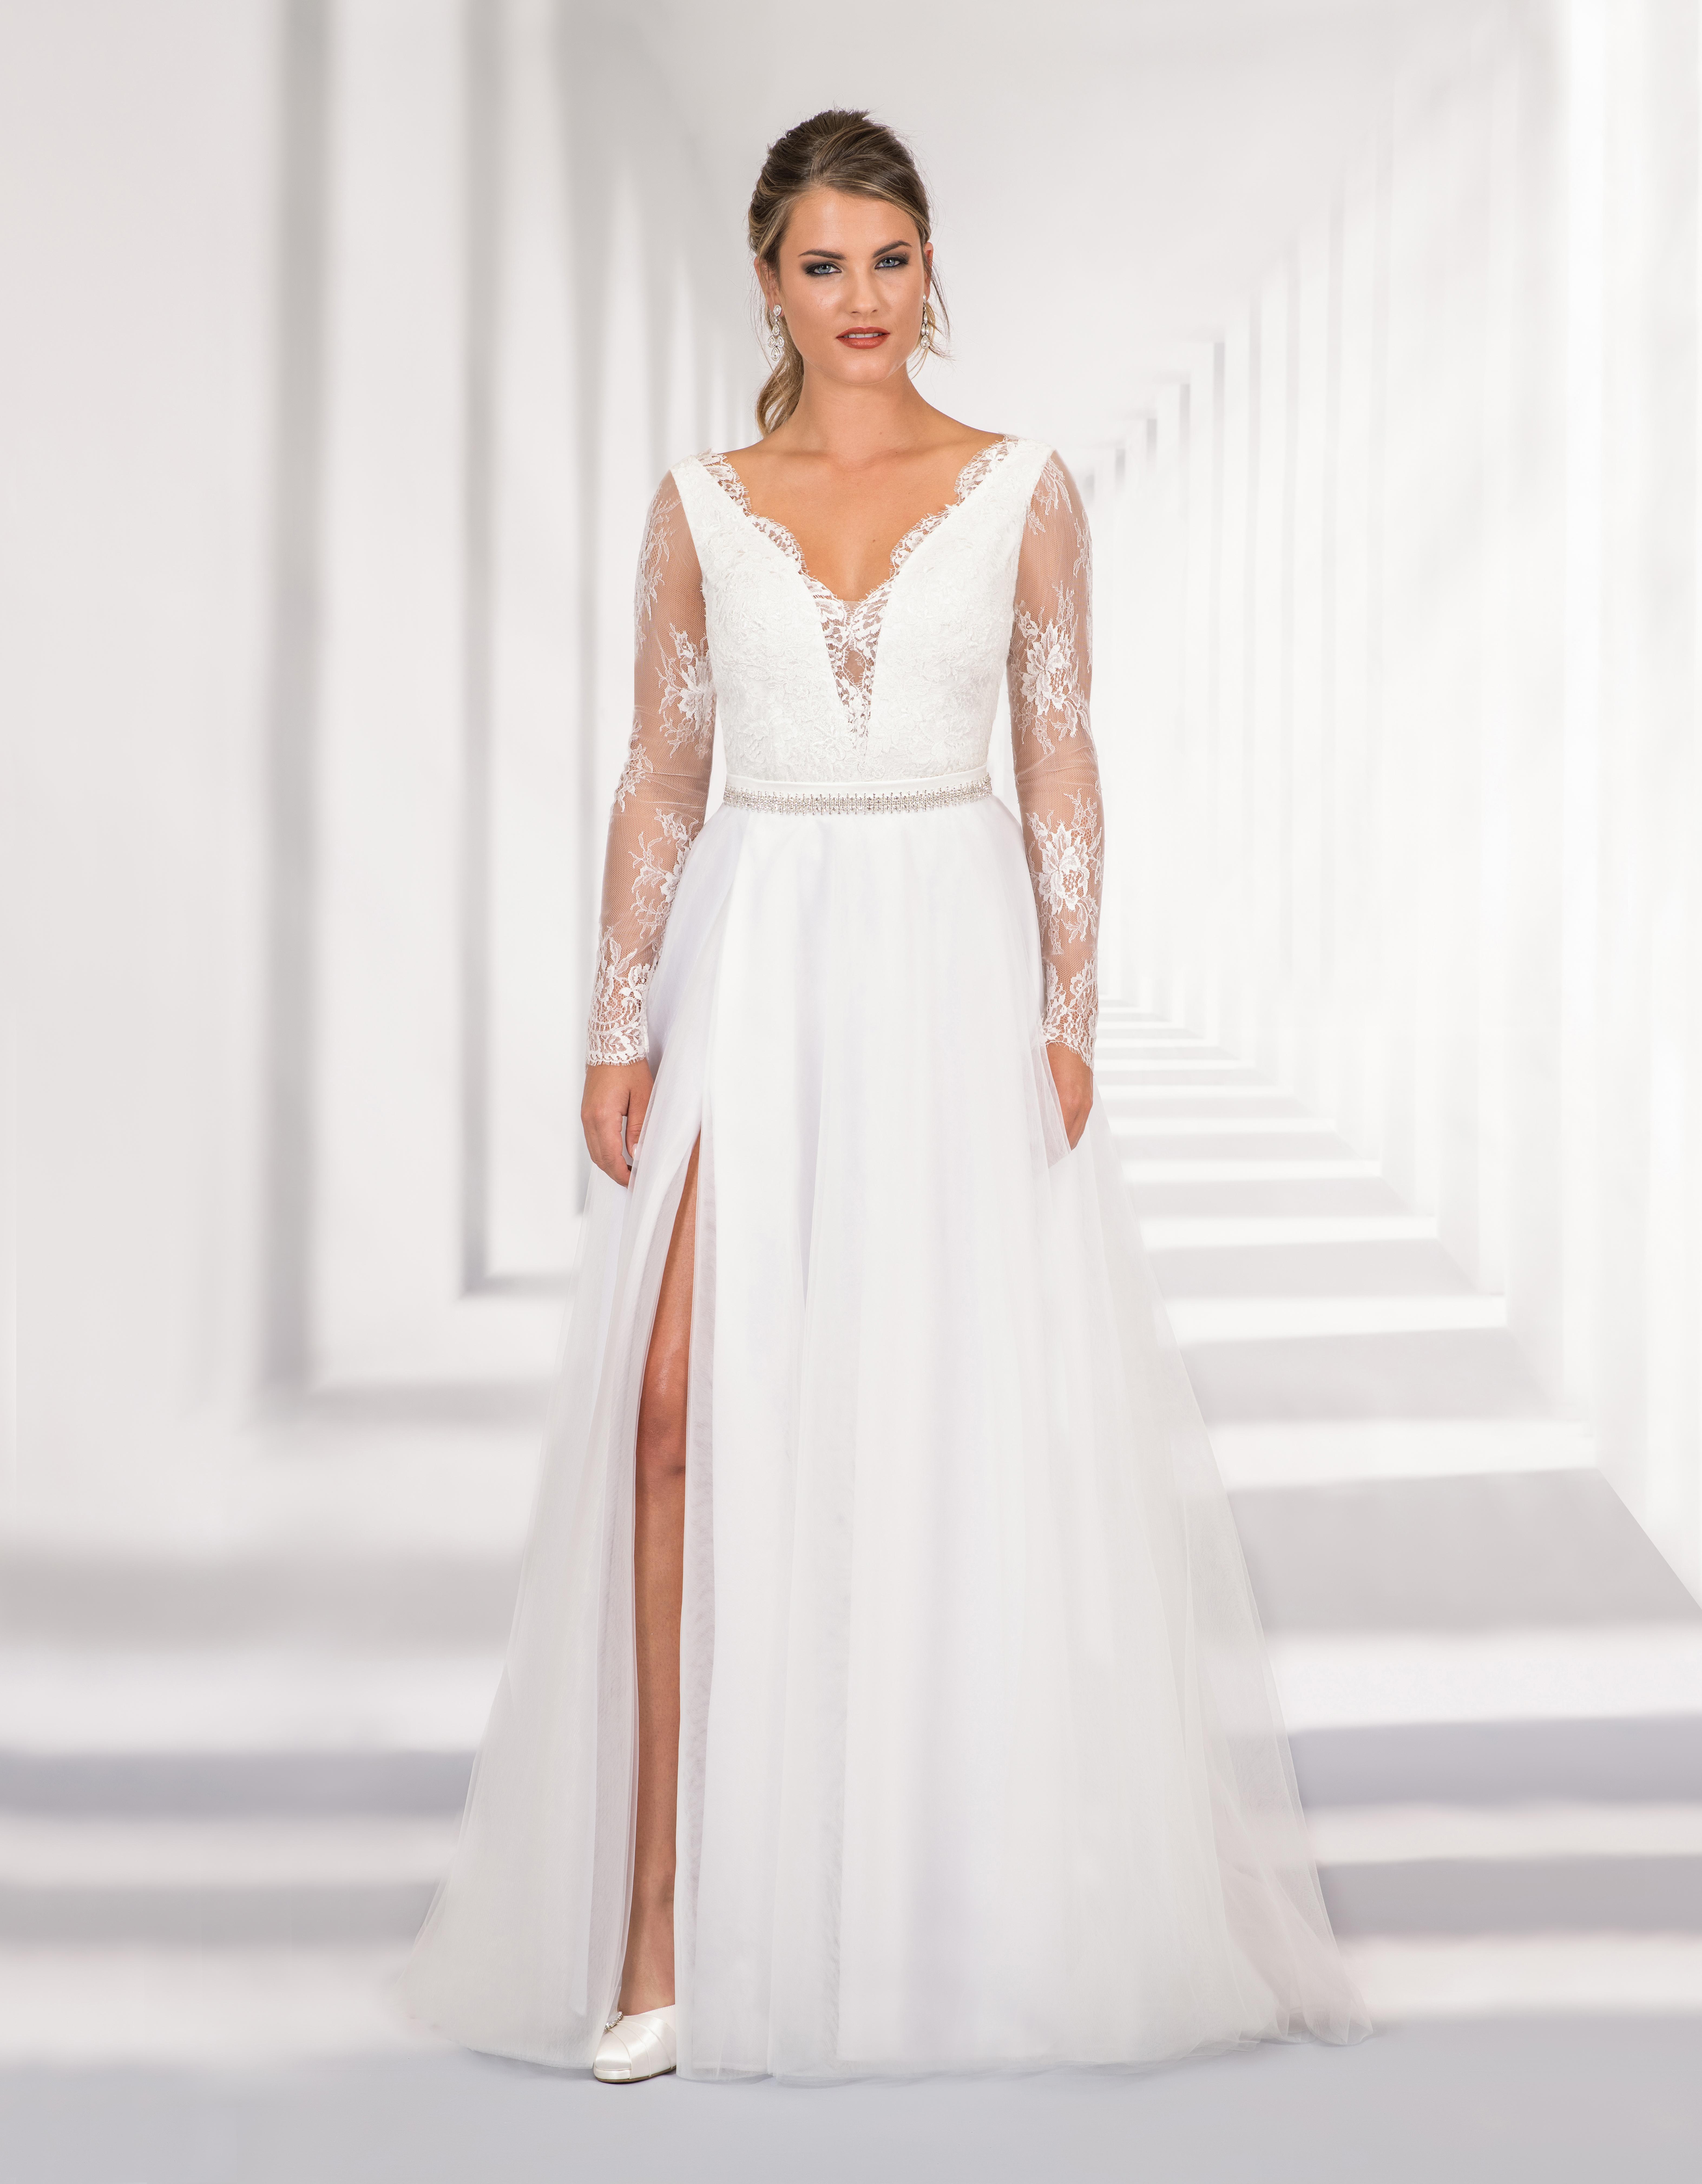 Langes Brautkleid mit Spitzenoberteil und hohem Schlitz